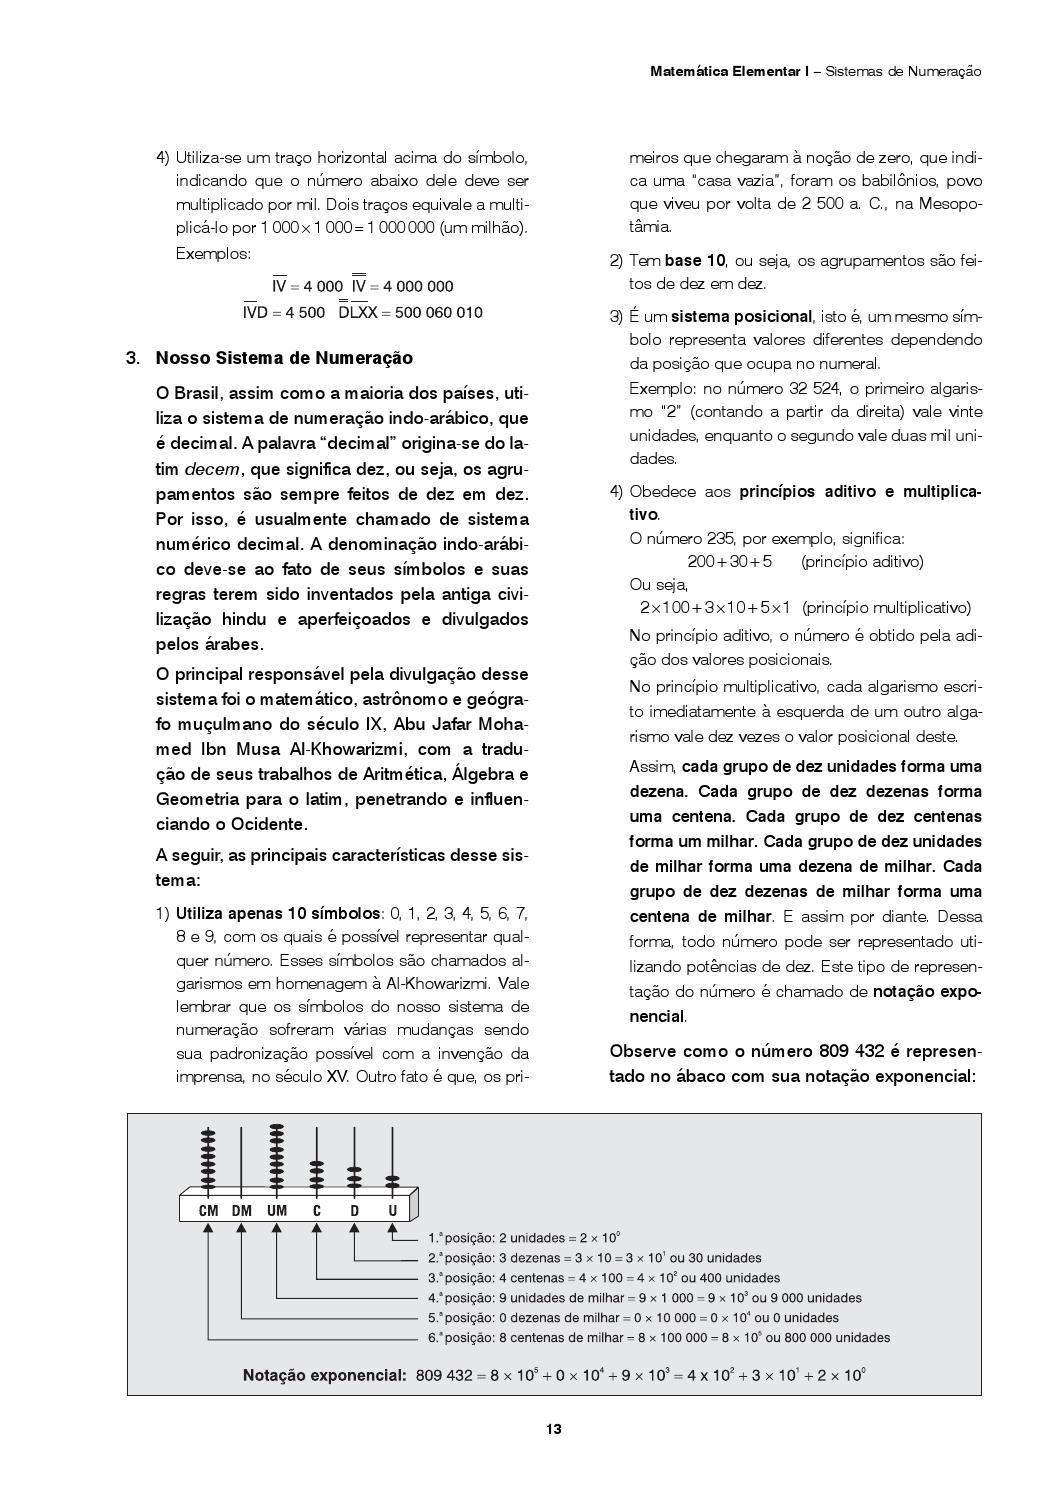 ee7533c64 Matematicaelementari by Prof° Everton Moraes - issuu